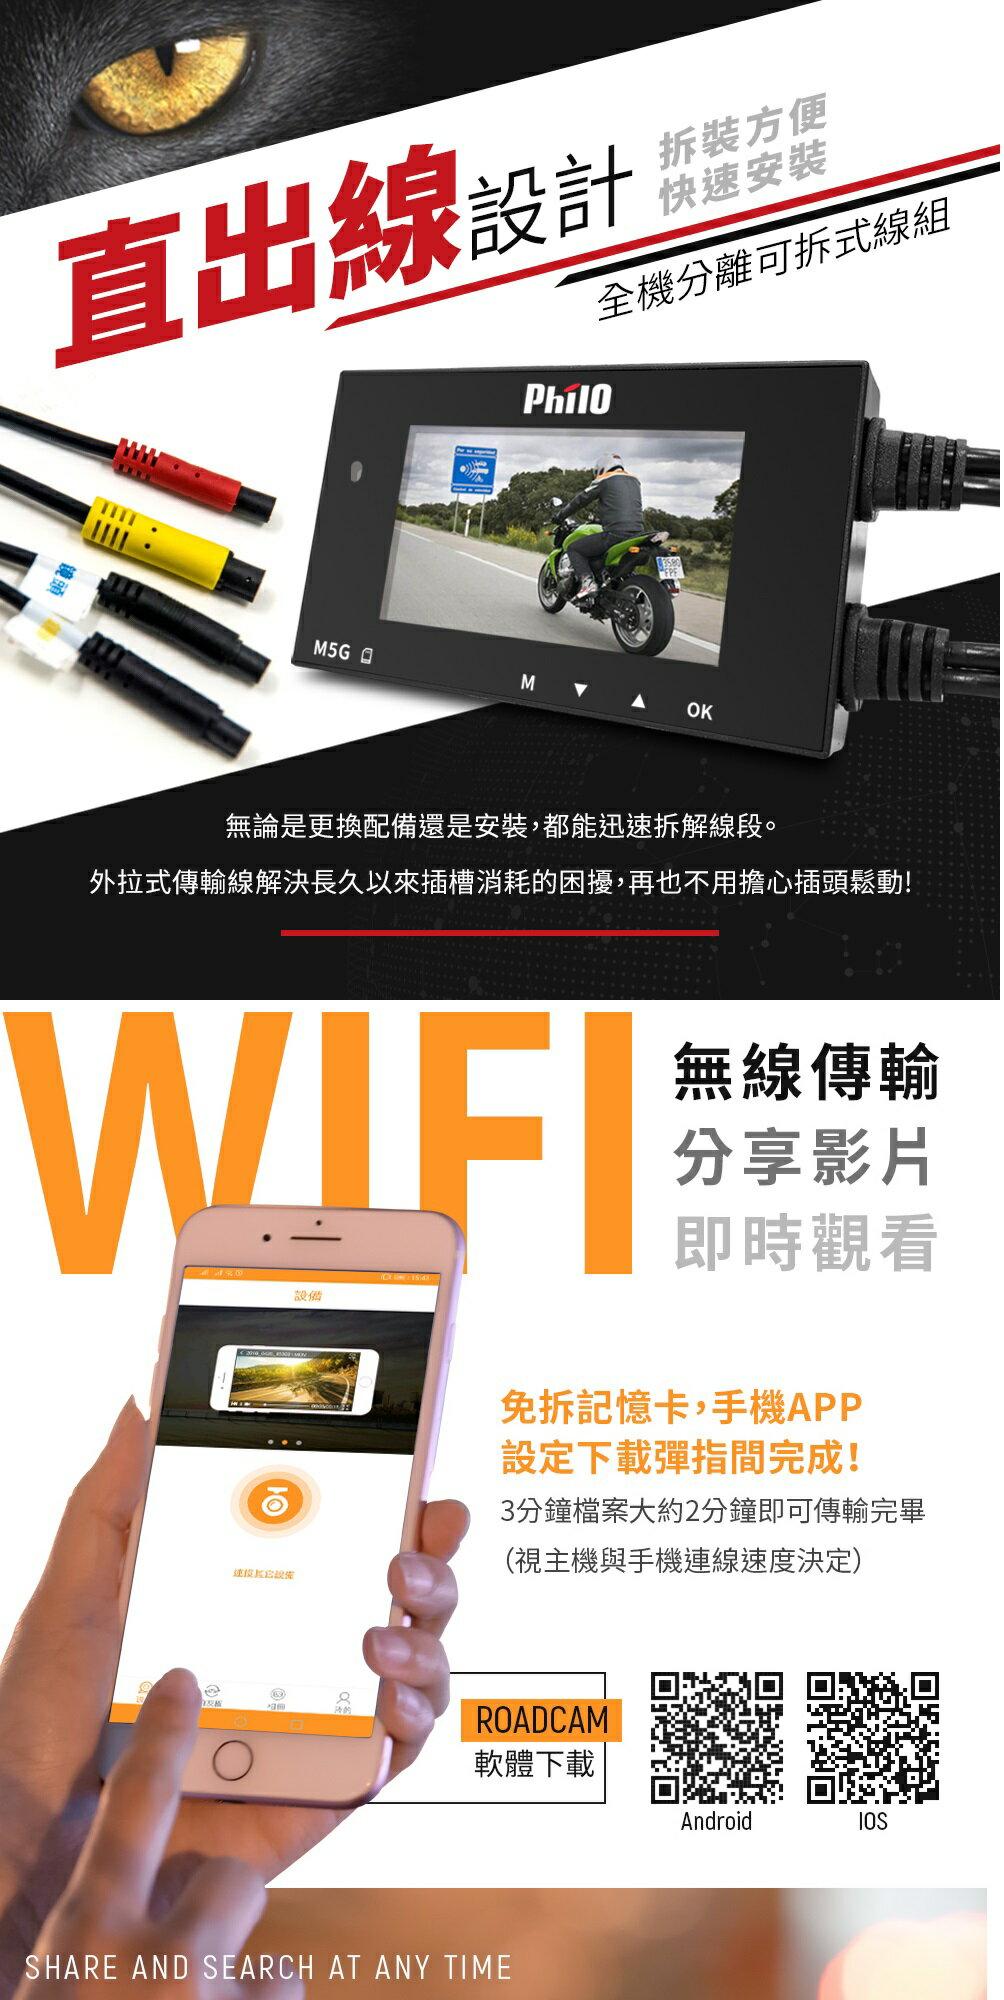 《免費到府安裝》飛樂 M5G 1080P GPS 測速提醒機車行車紀錄器  雙鏡頭機車行車紀錄器 行車紀錄器-贈32G